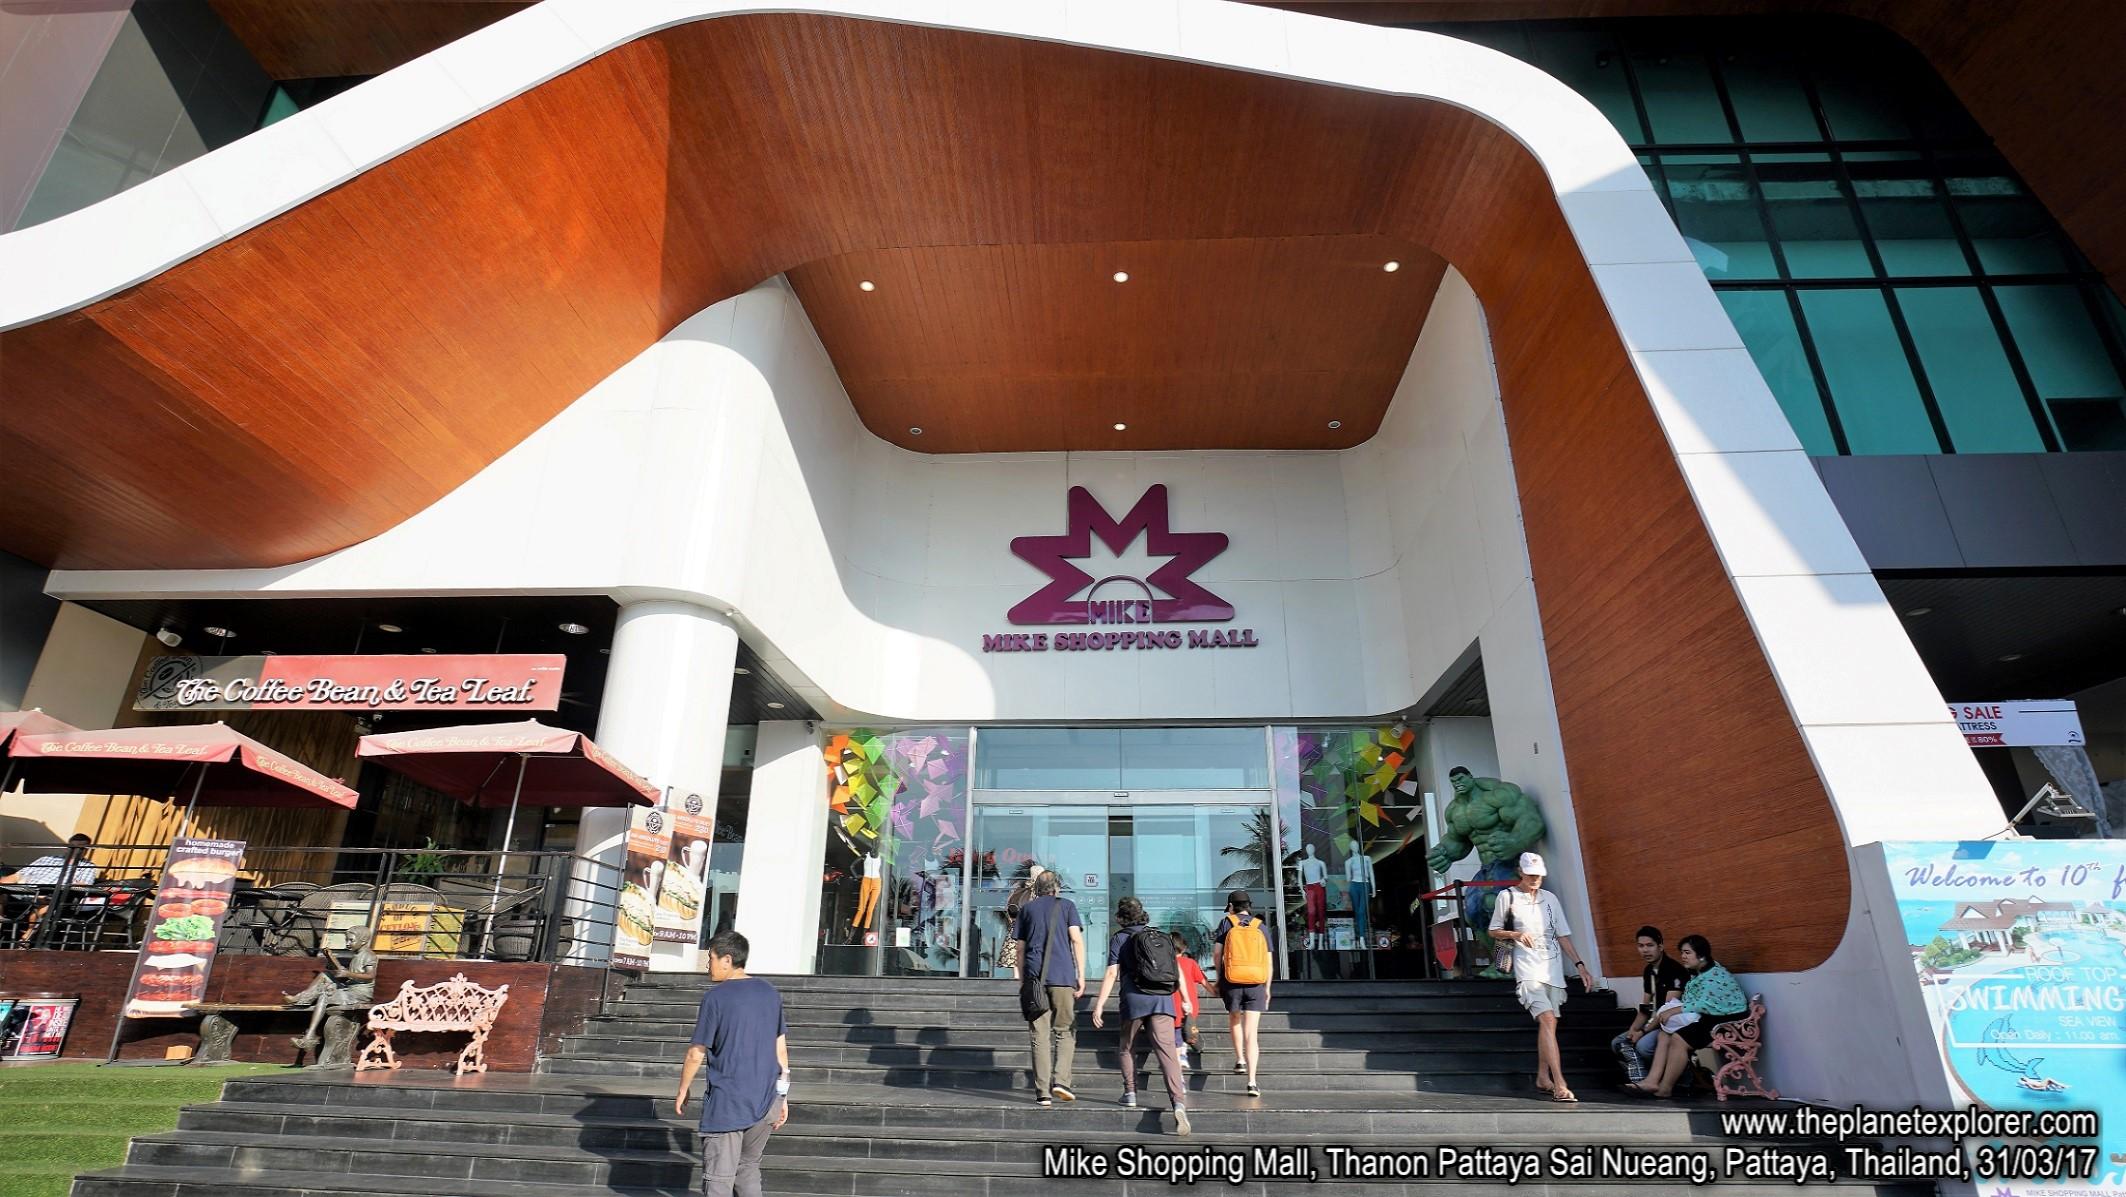 2017-03-31_1706_Thailand_Pattaya_Thanon Pattaya Sai Nueang_Mike Shopping Mall_DSC03972_s7R2_LR_@